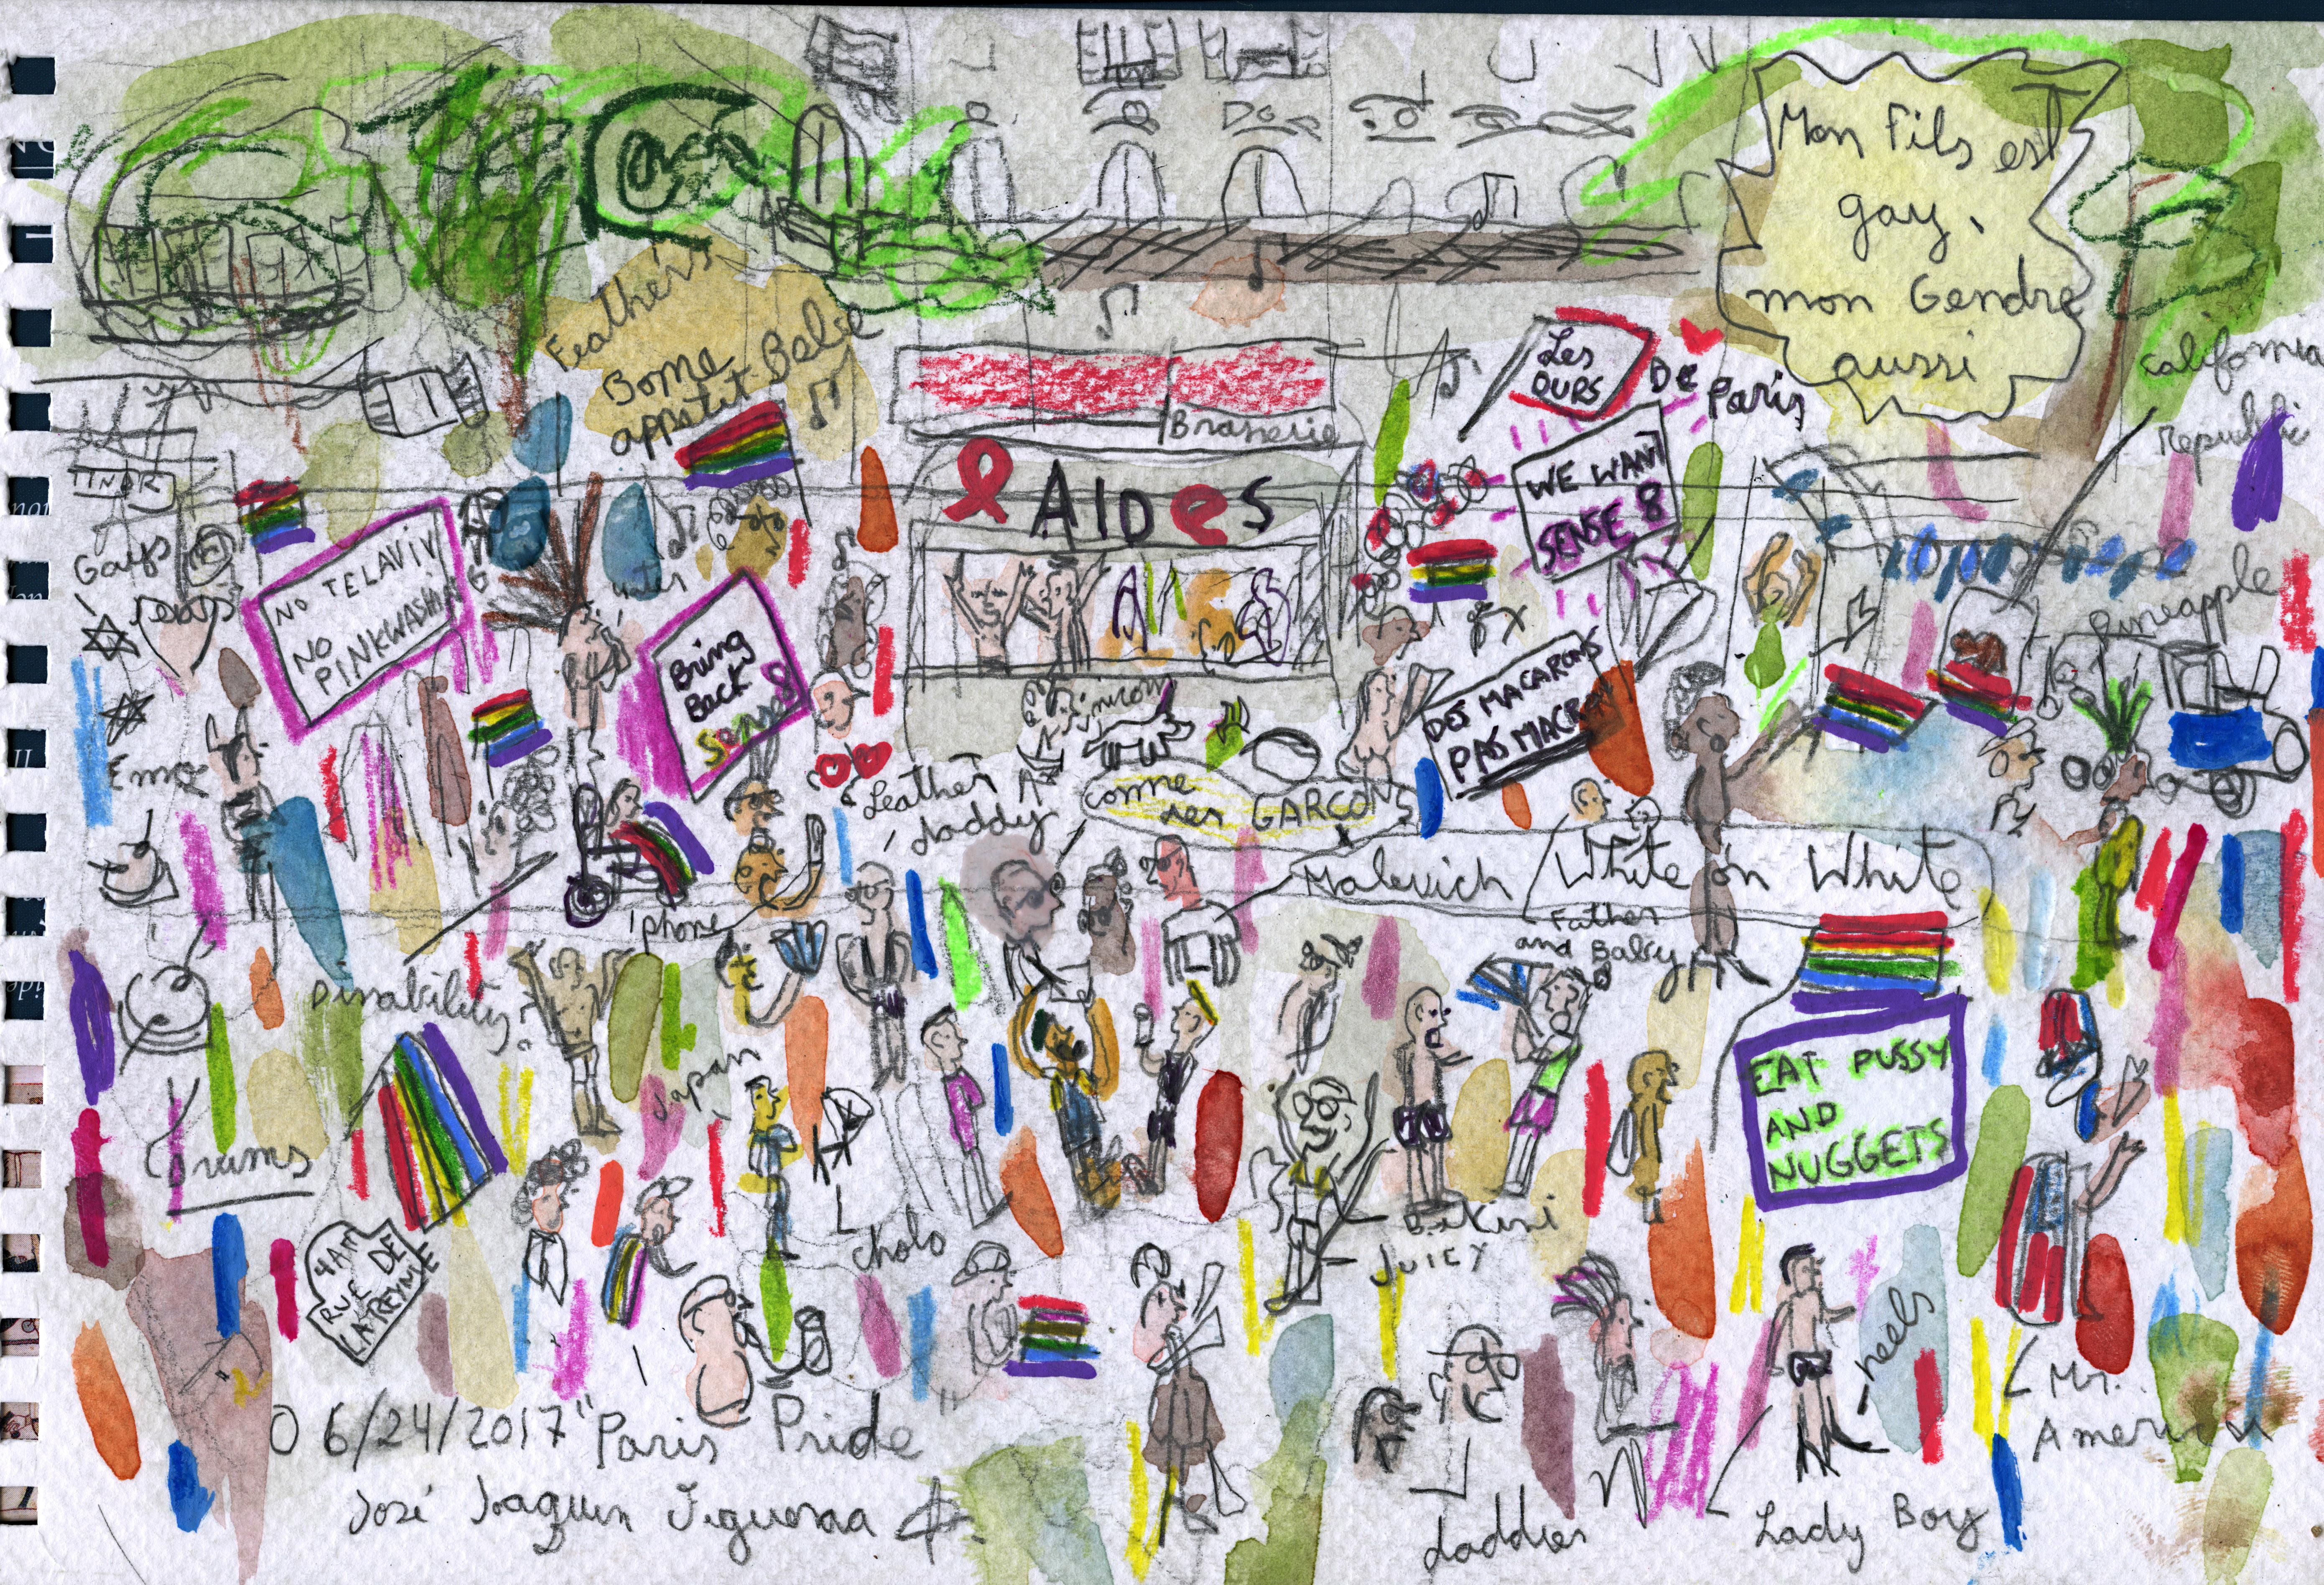 06-24-2017 paris pride